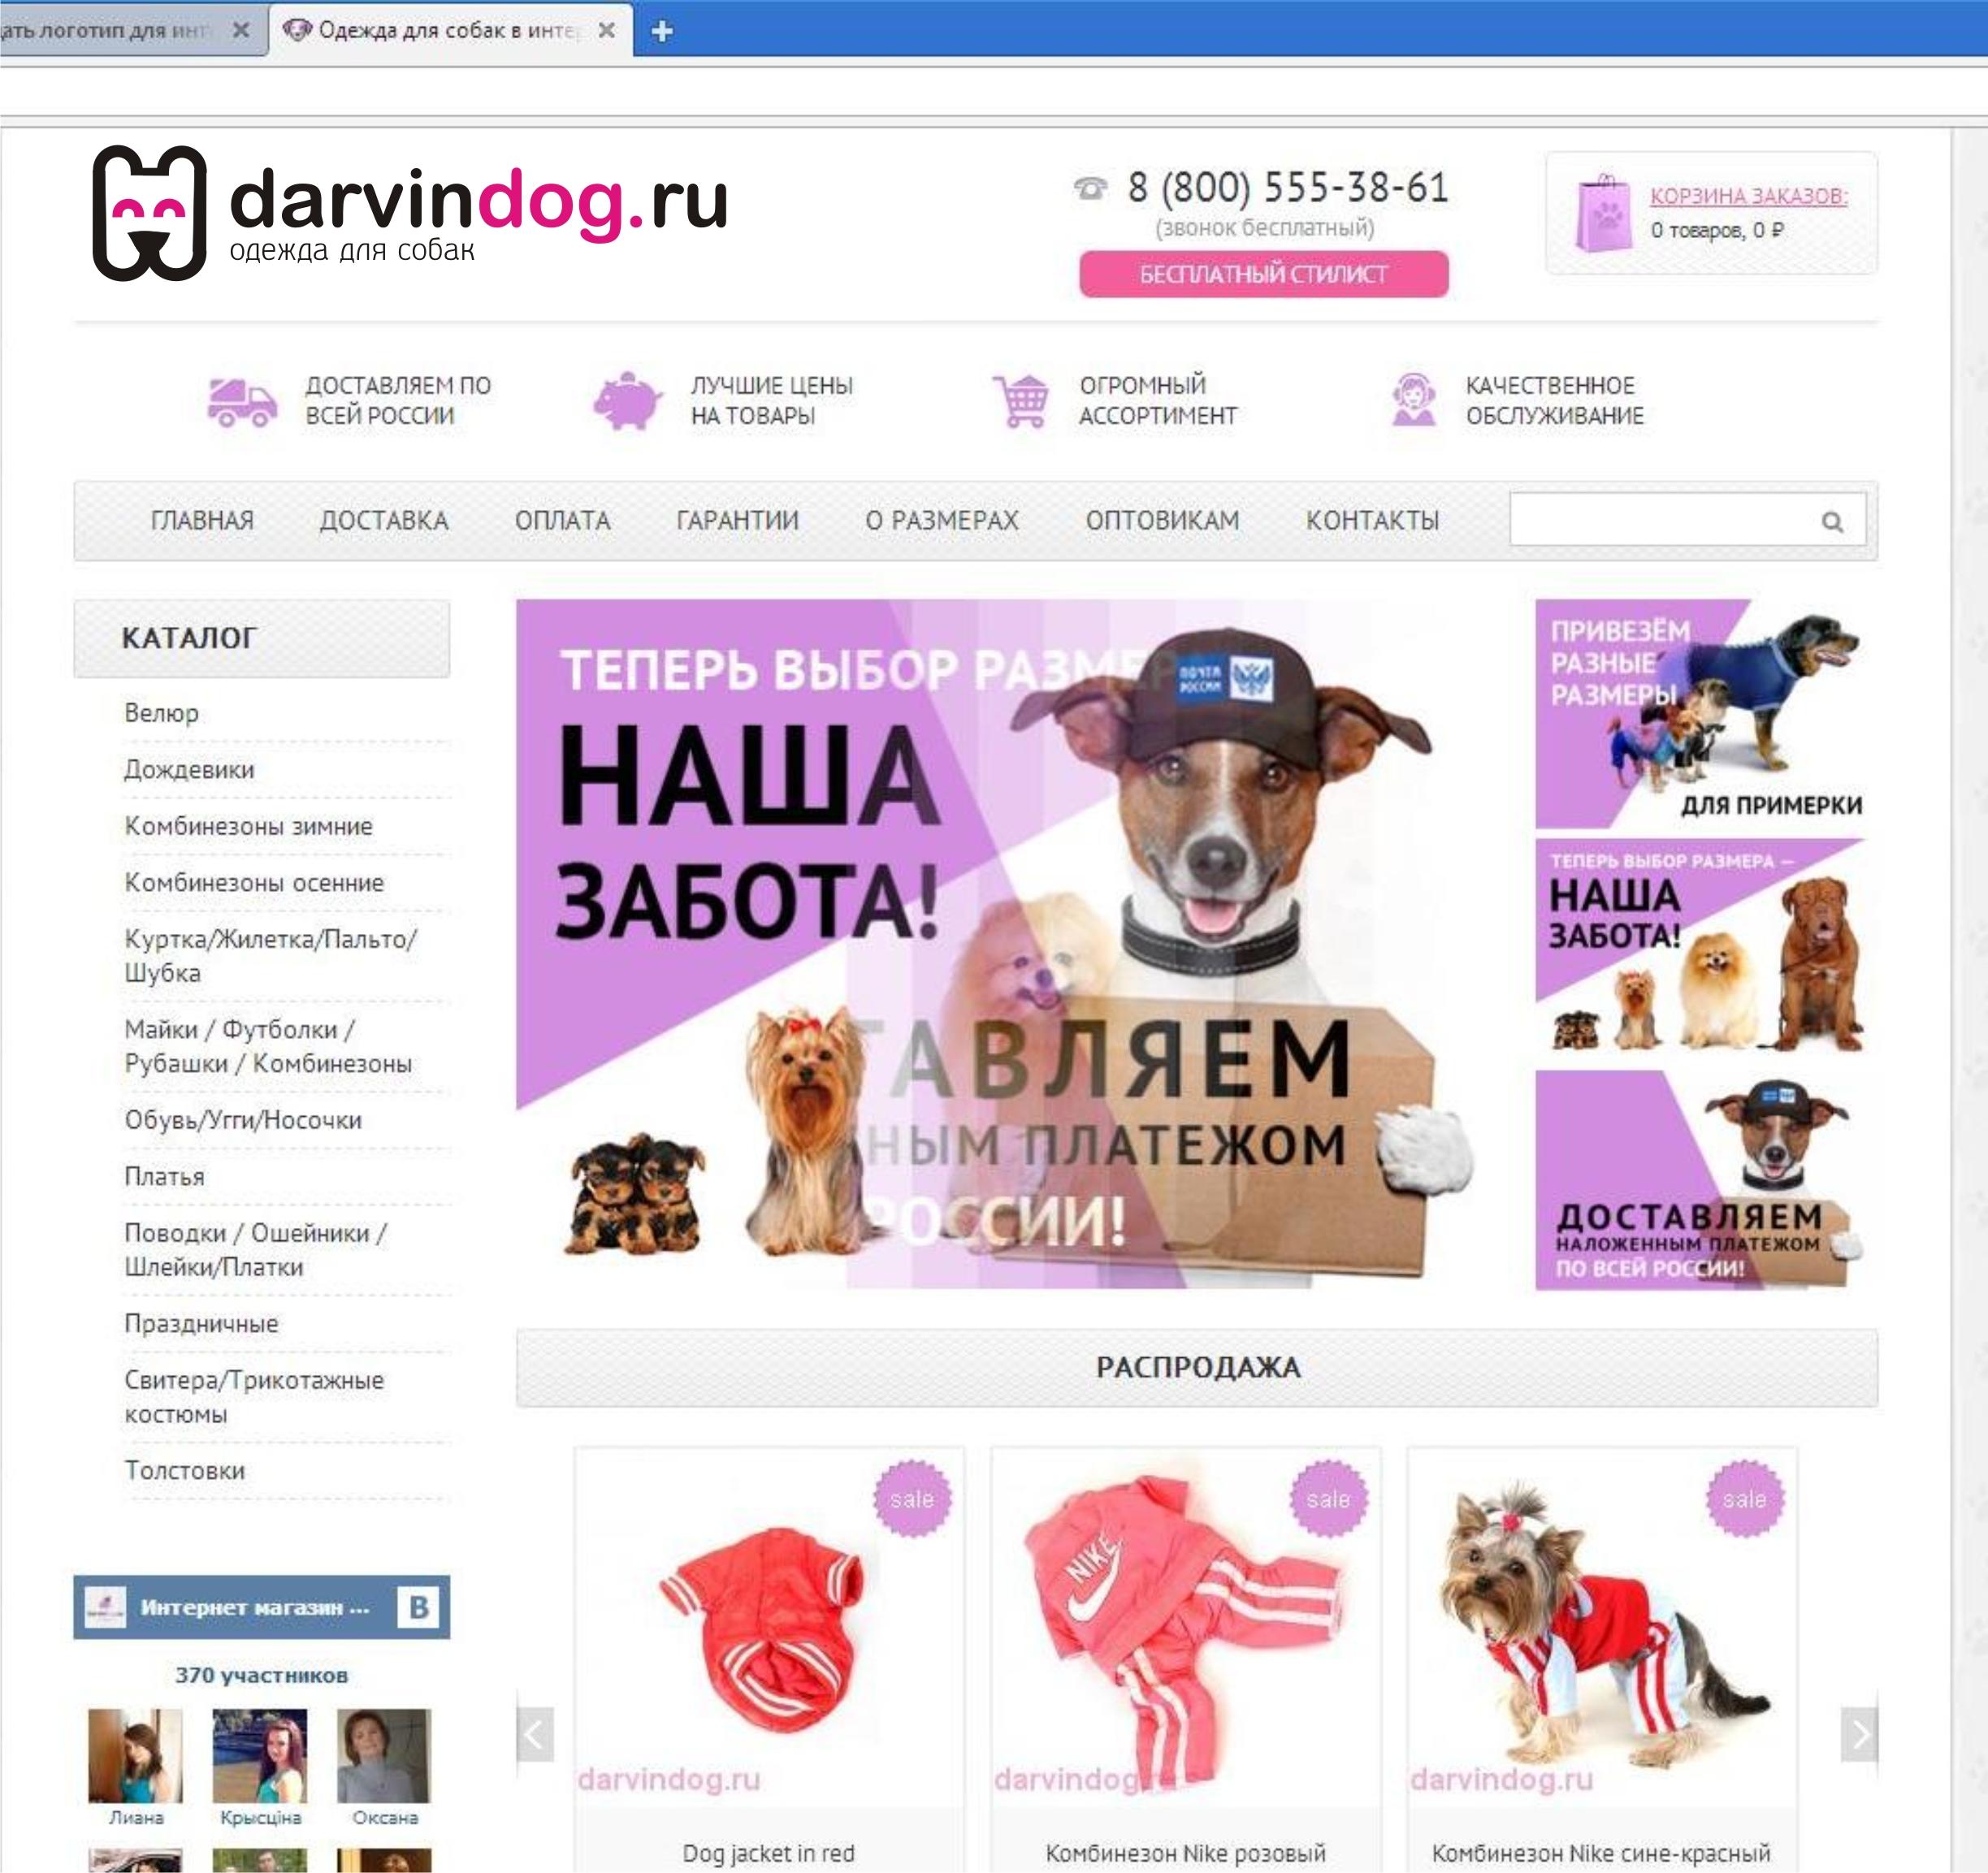 Создать логотип для интернет магазина одежды для собак фото f_979564b683c90ff0.jpg